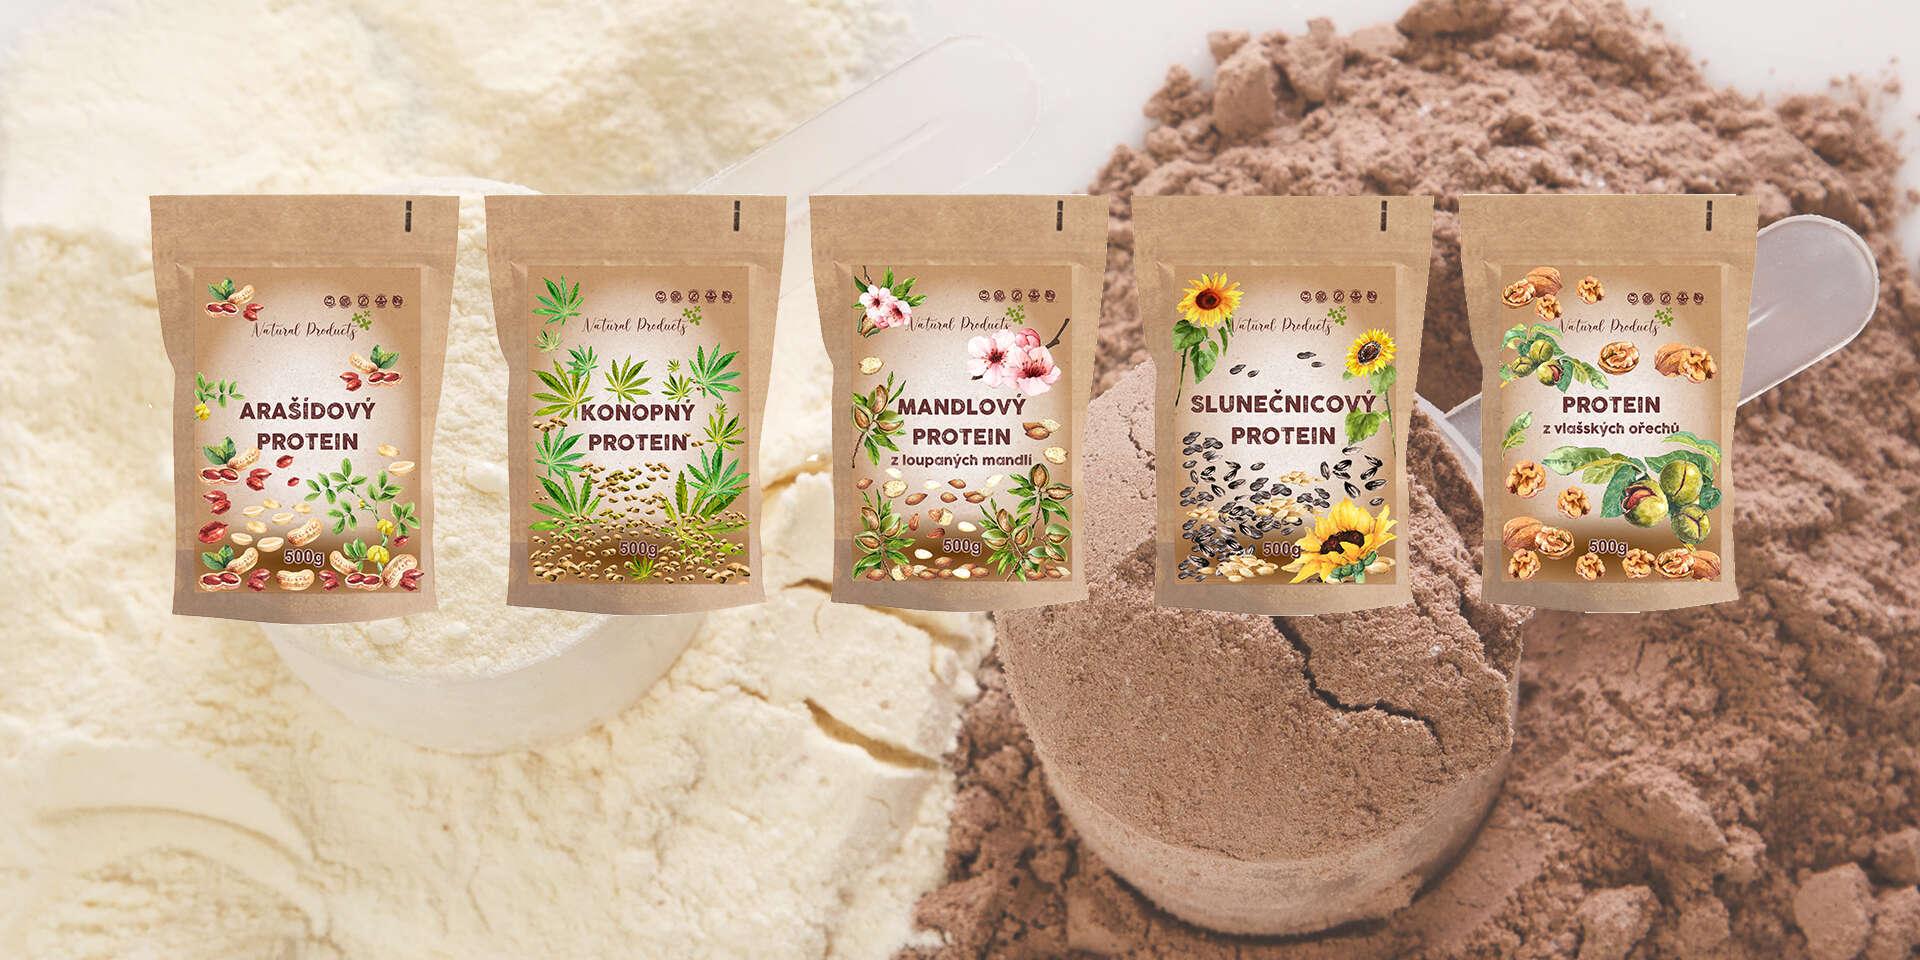 Výborné rastlinné proteíny v RAW kvalite bez pridaných konzervantov a sladidiel